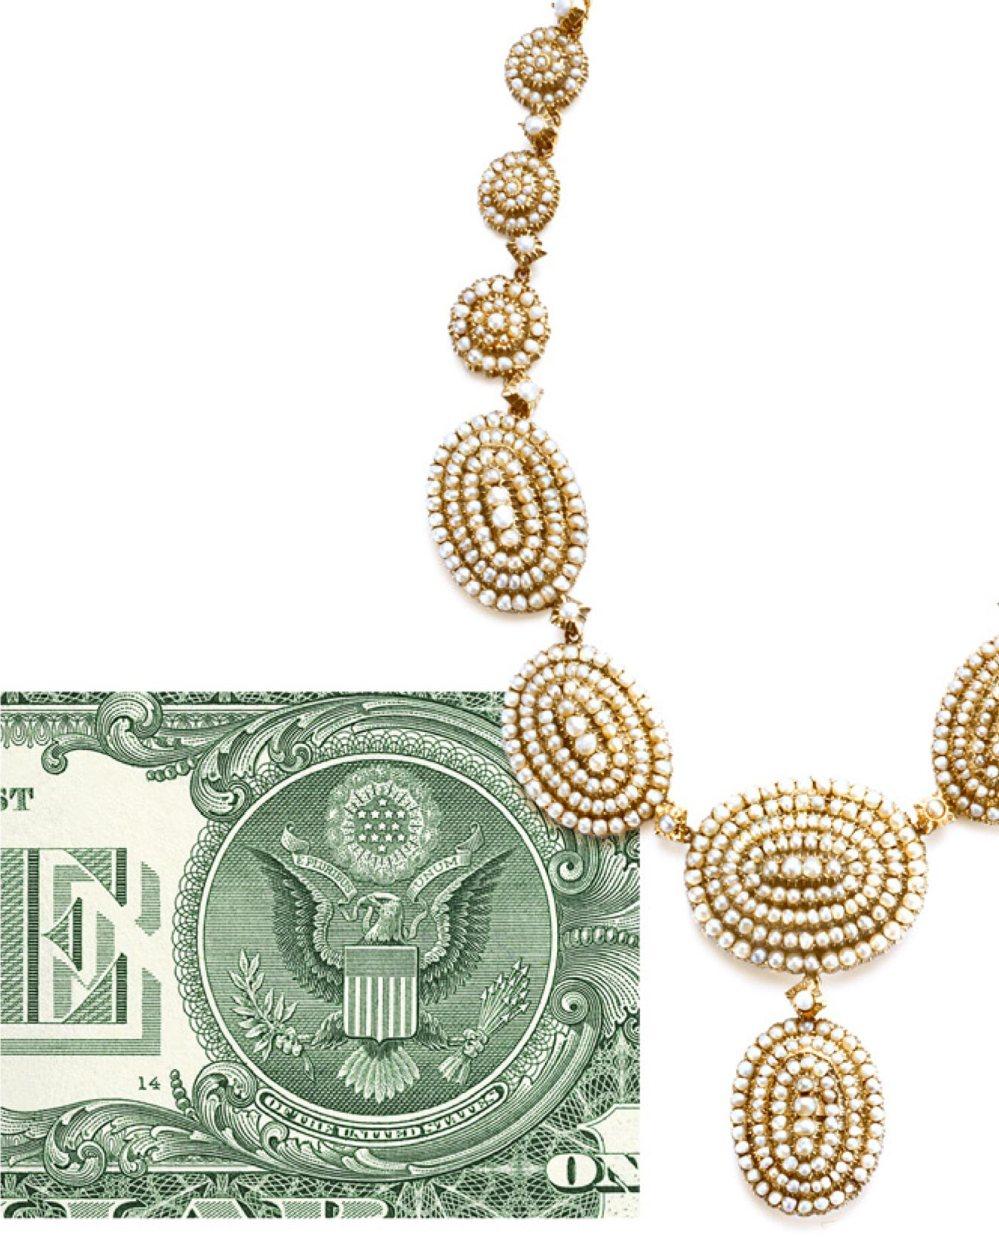 Para su toma de posesión, el presidente Lincoln obsequió a su esposa Mary un collar de perlas Tiffany.